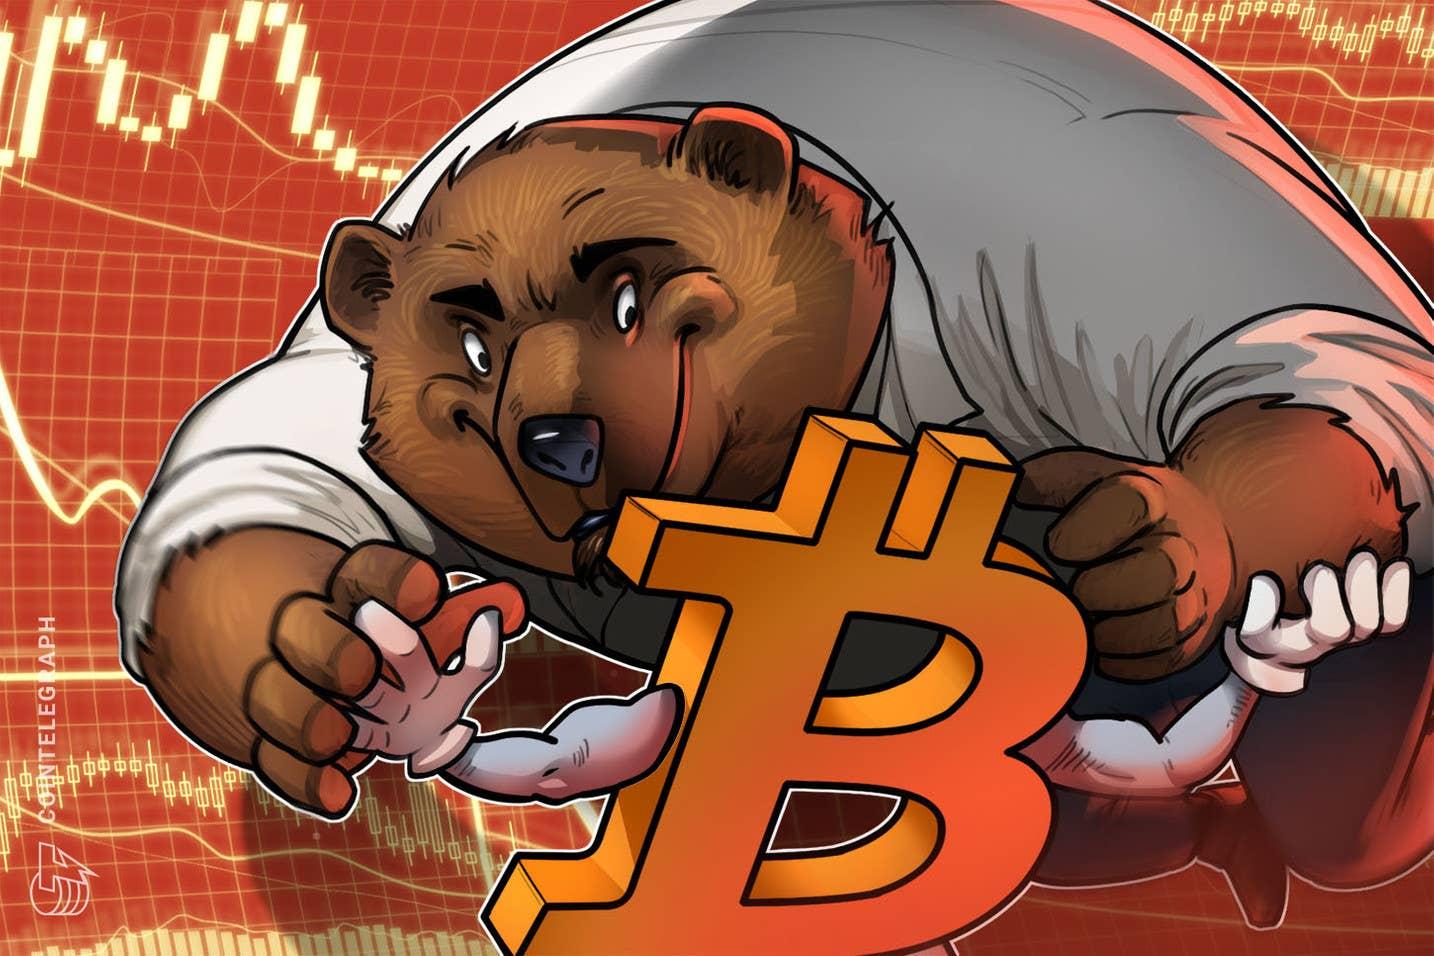 Os ursos pretendem fixar o preço do Bitcoin abaixo de $ 46K levando ao vencimento das opções BTC de $ 3B na sexta-feira